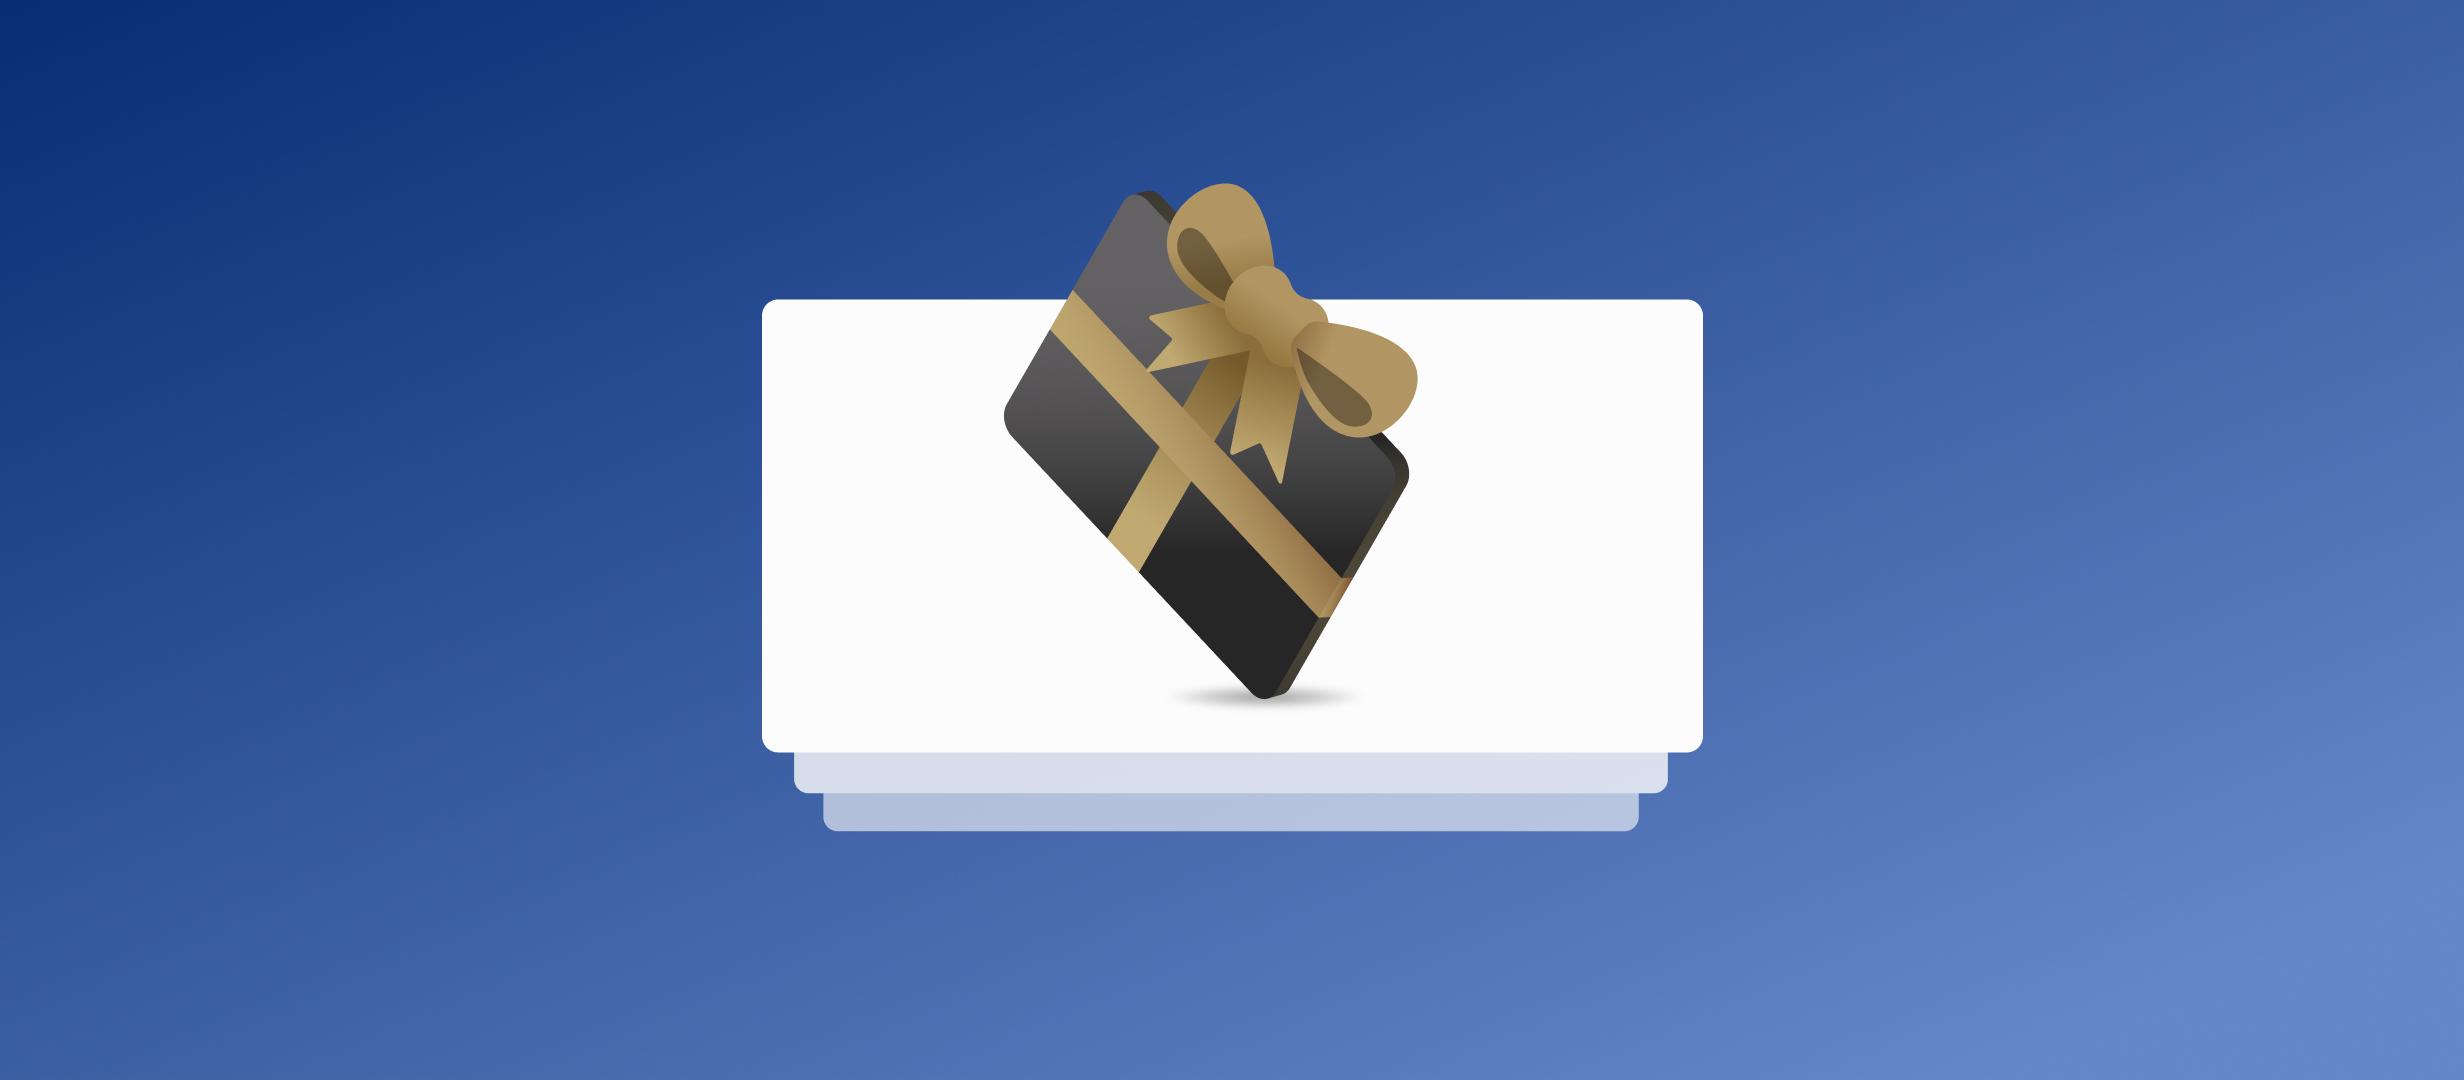 Букмекер BetMGM запустил продажу подарочных сертификатов